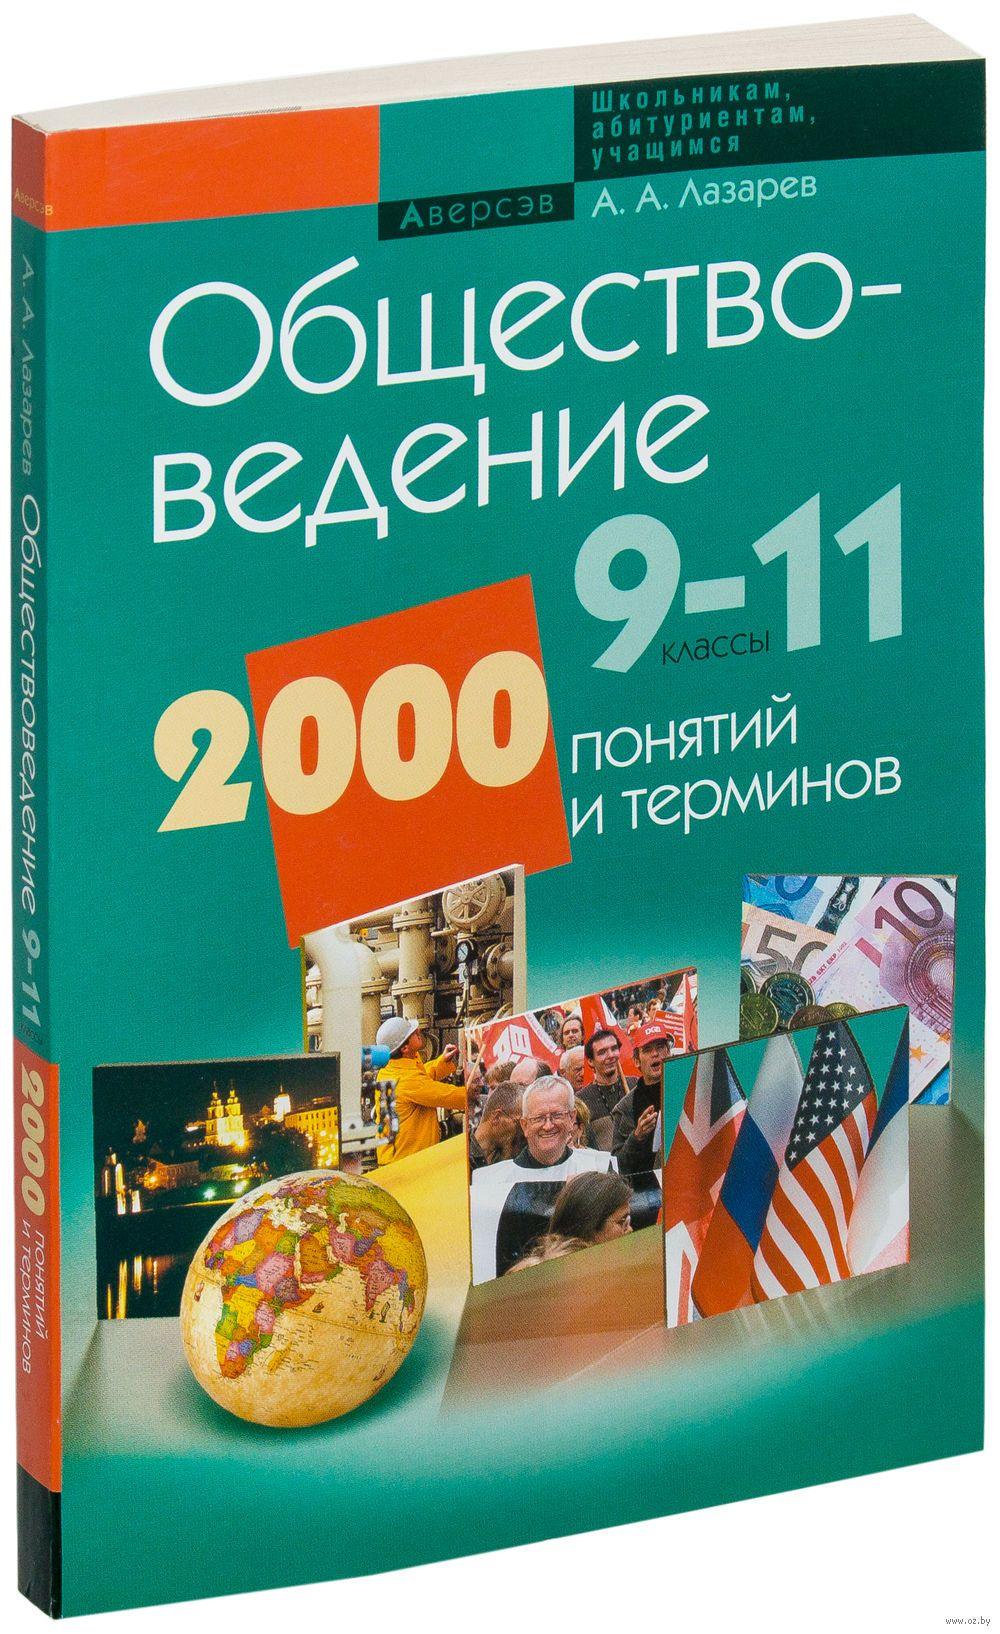 Обществоведение 9 класс вишневский читать онлайн